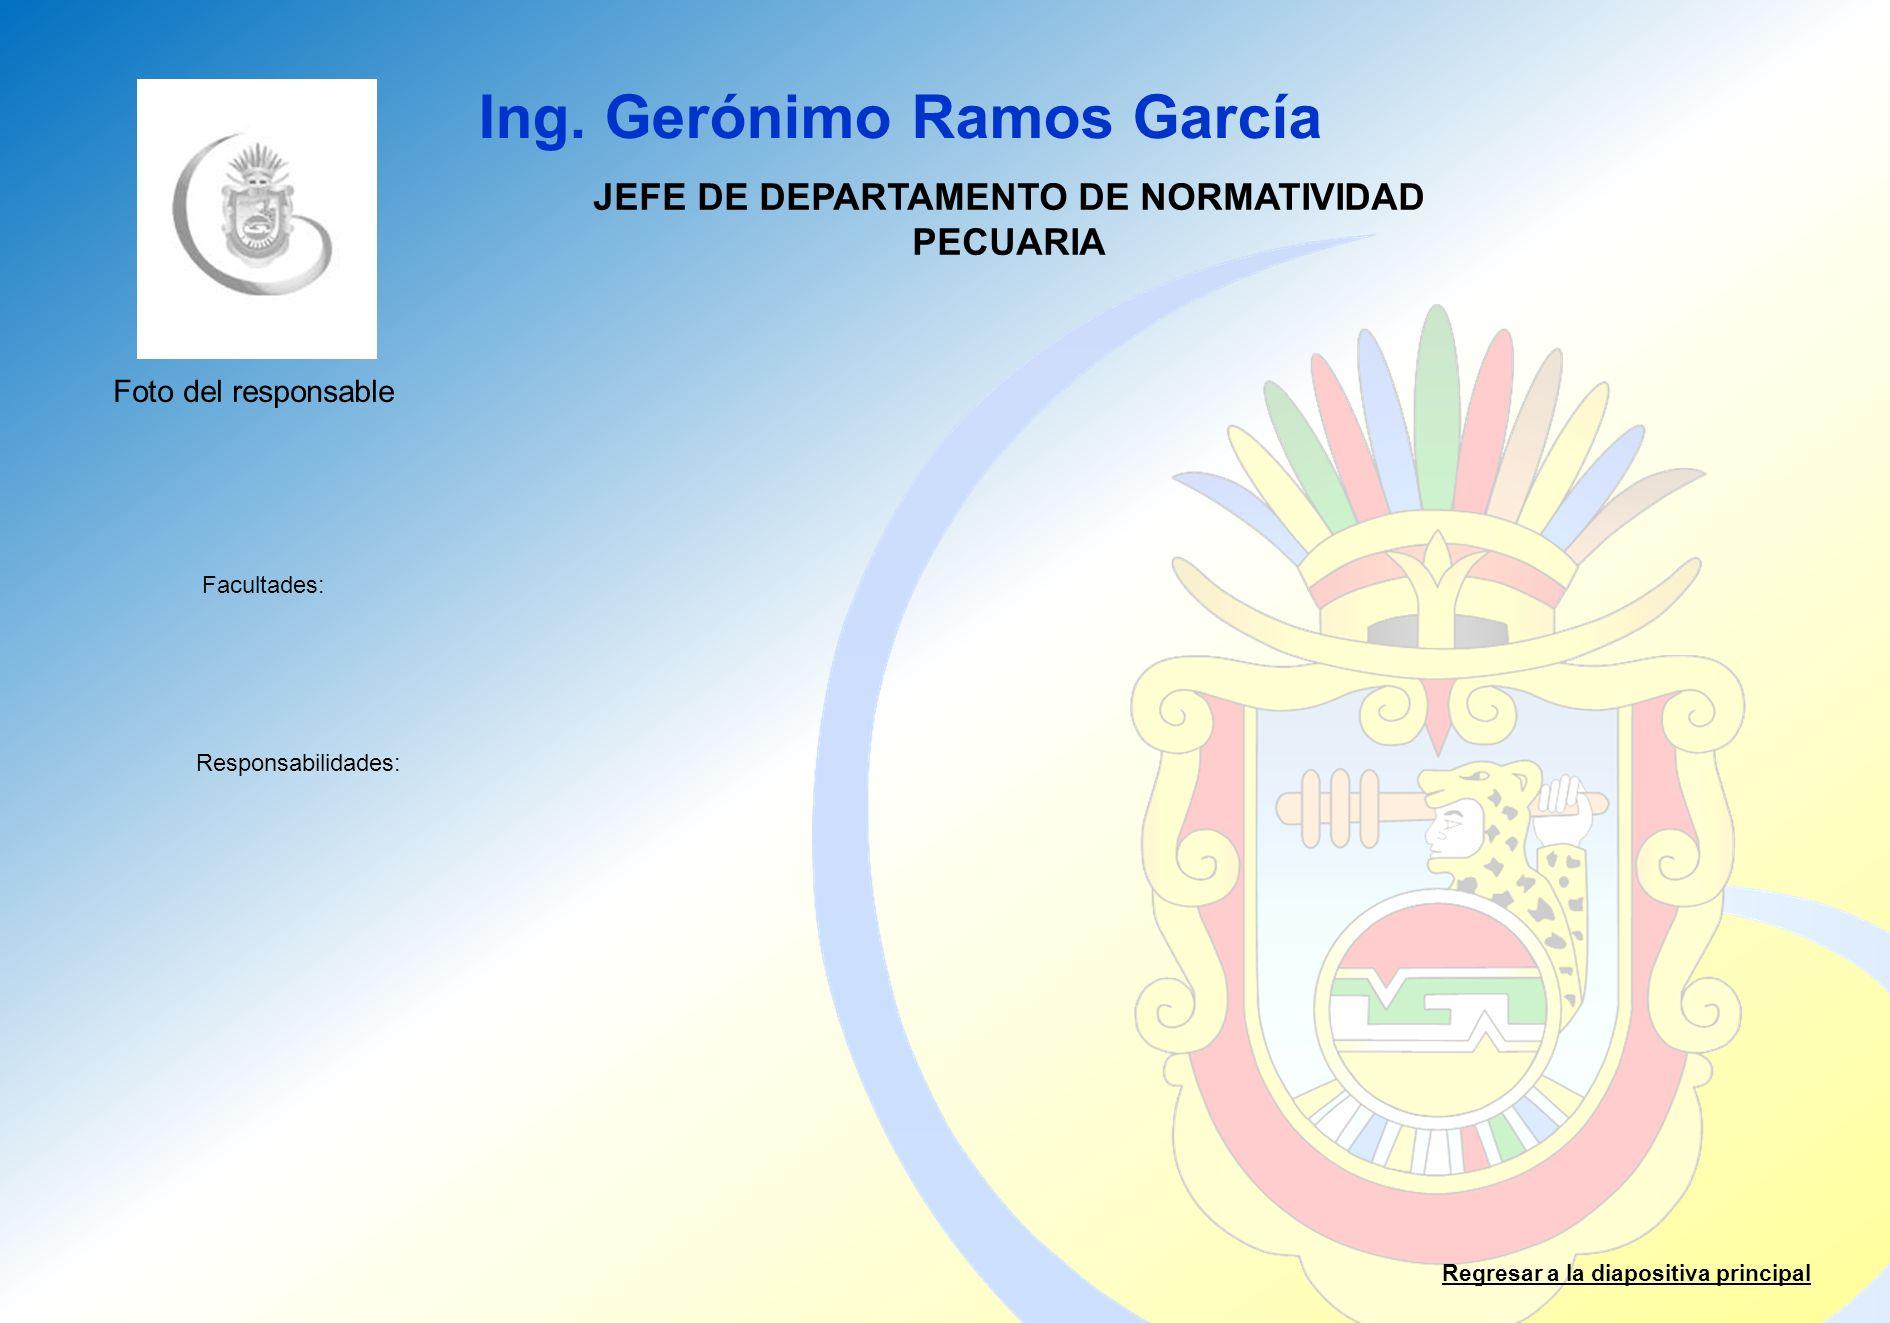 JEFE DE DEPARTAMENTO DE NORMATIVIDAD PECUARIA